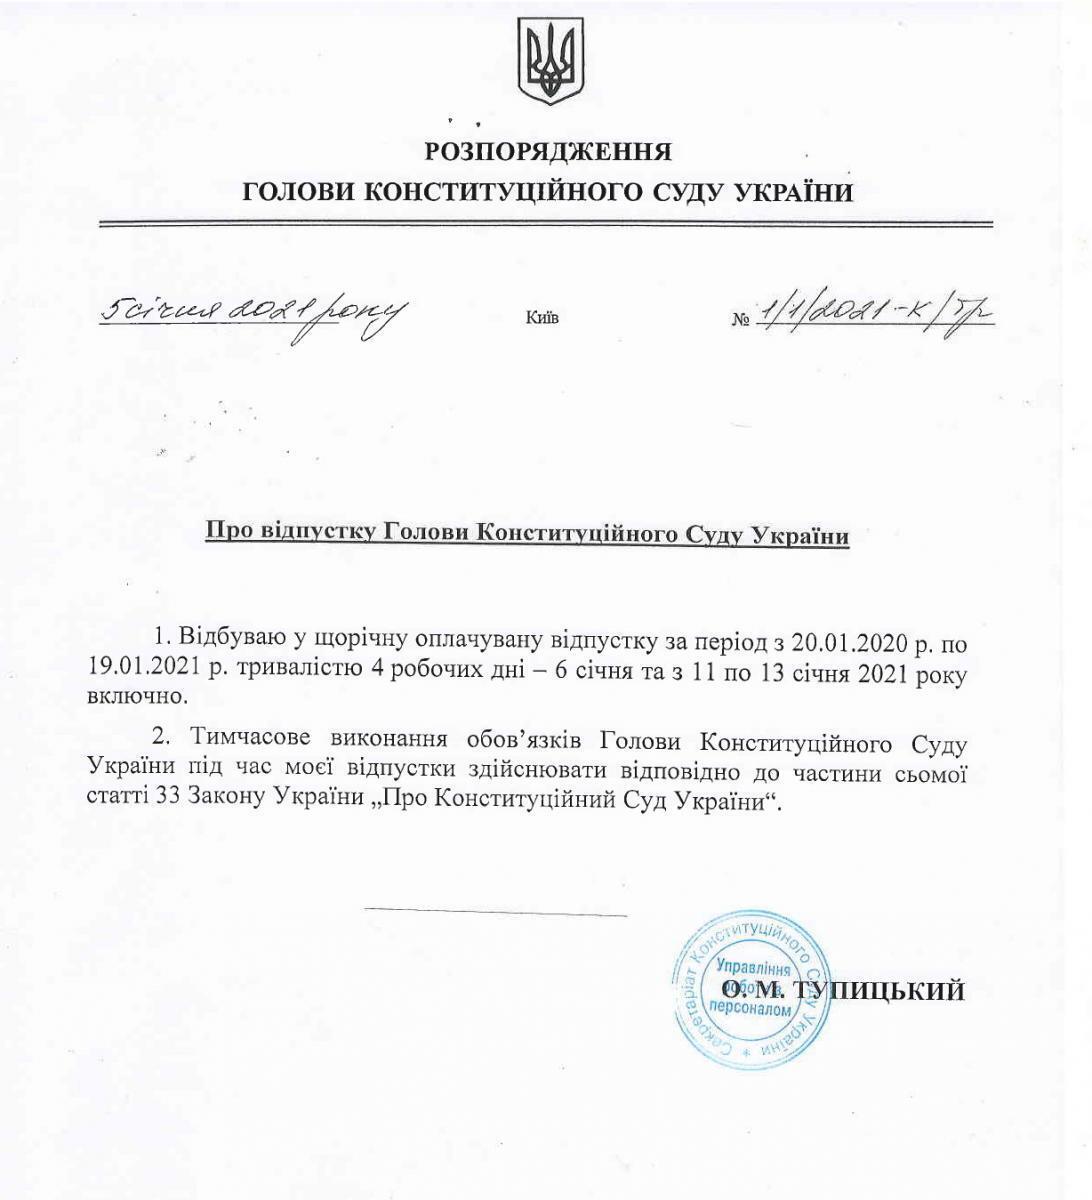 Распоряжение об отпуске Тупицкого